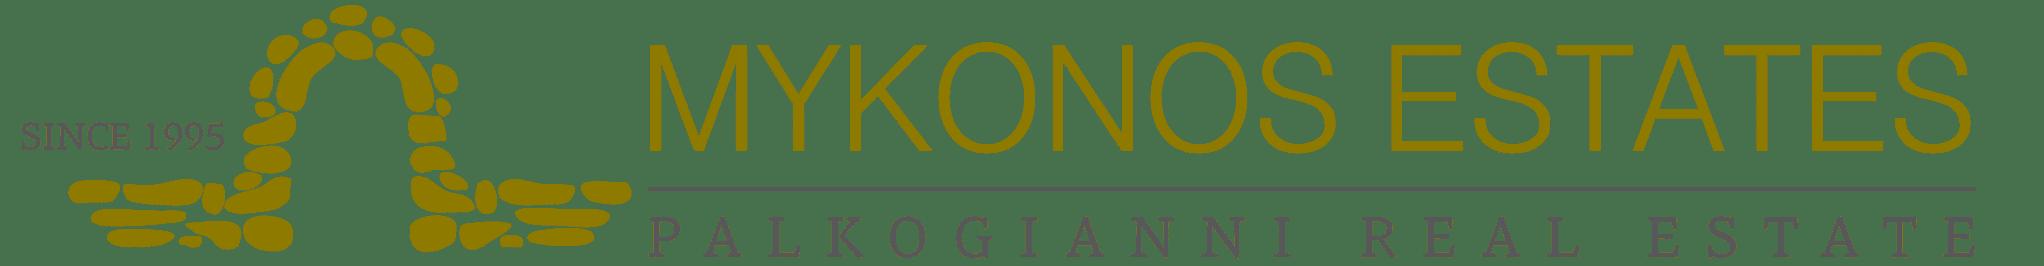 Mykonos Real Estate | Mykonos Villas for Sale | Mykonos Villa Rentals